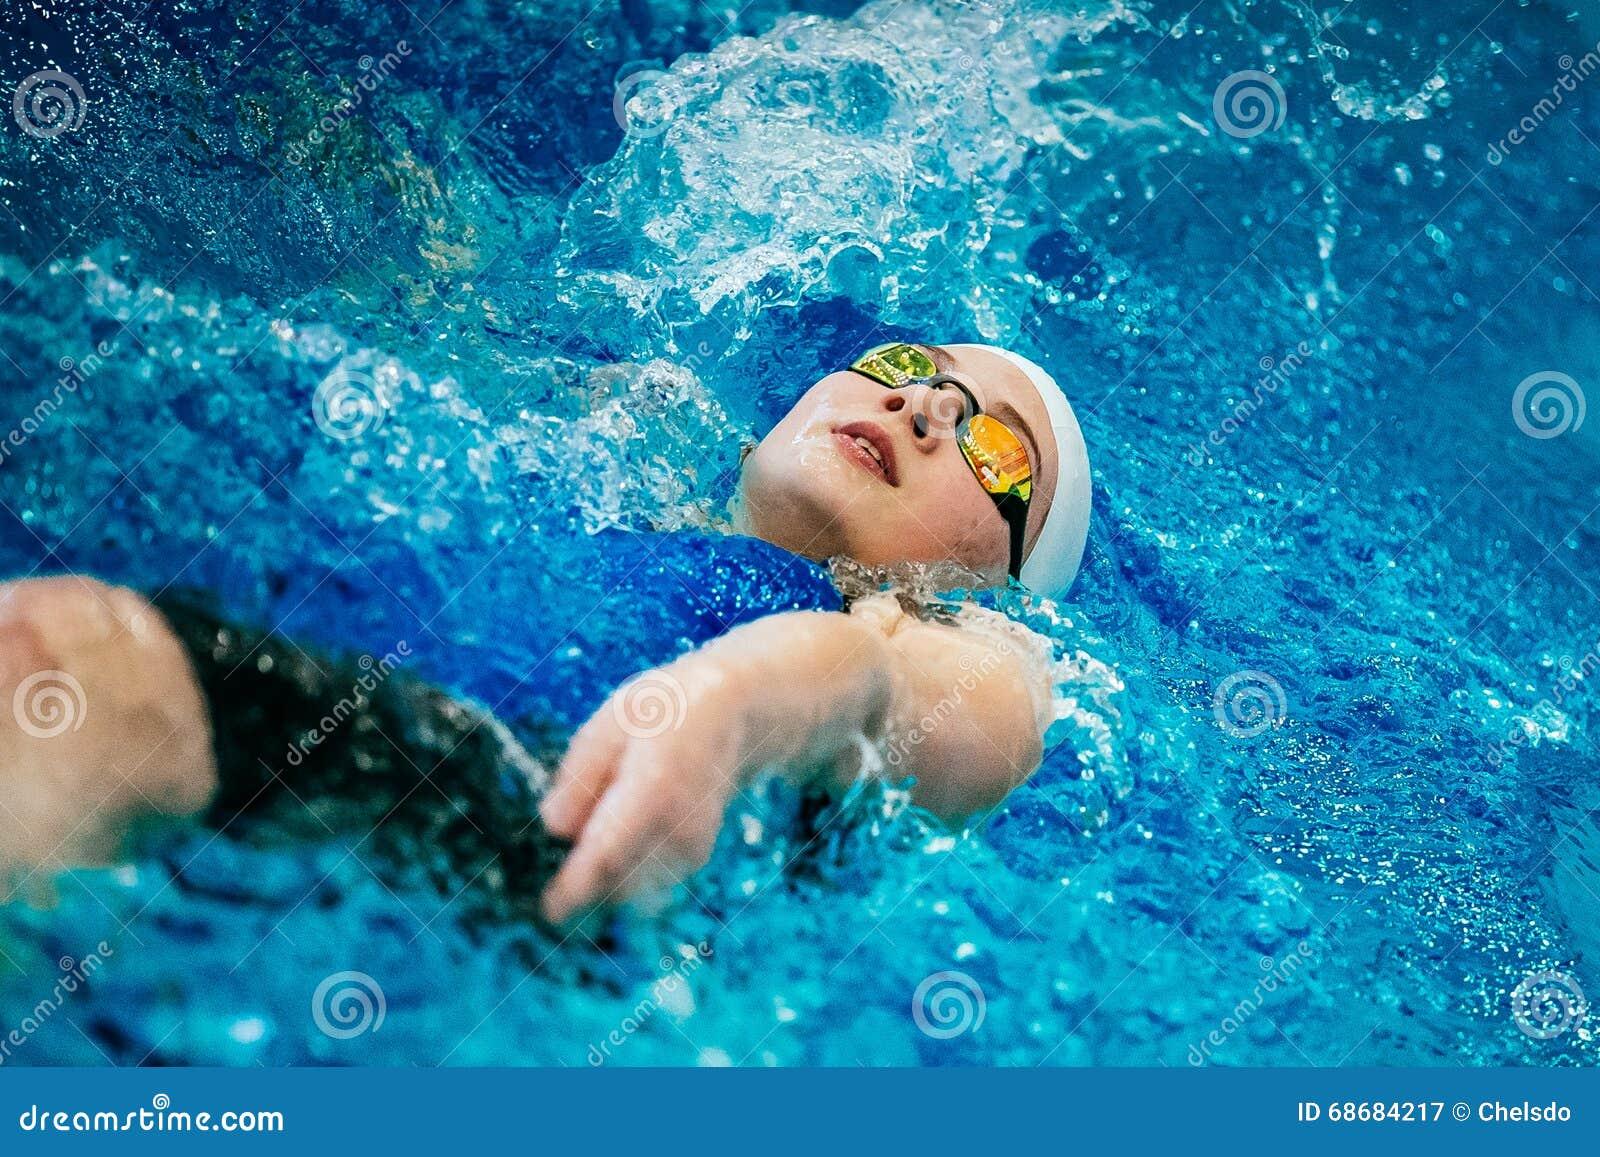 Costas nova da natação do atleta fêmea